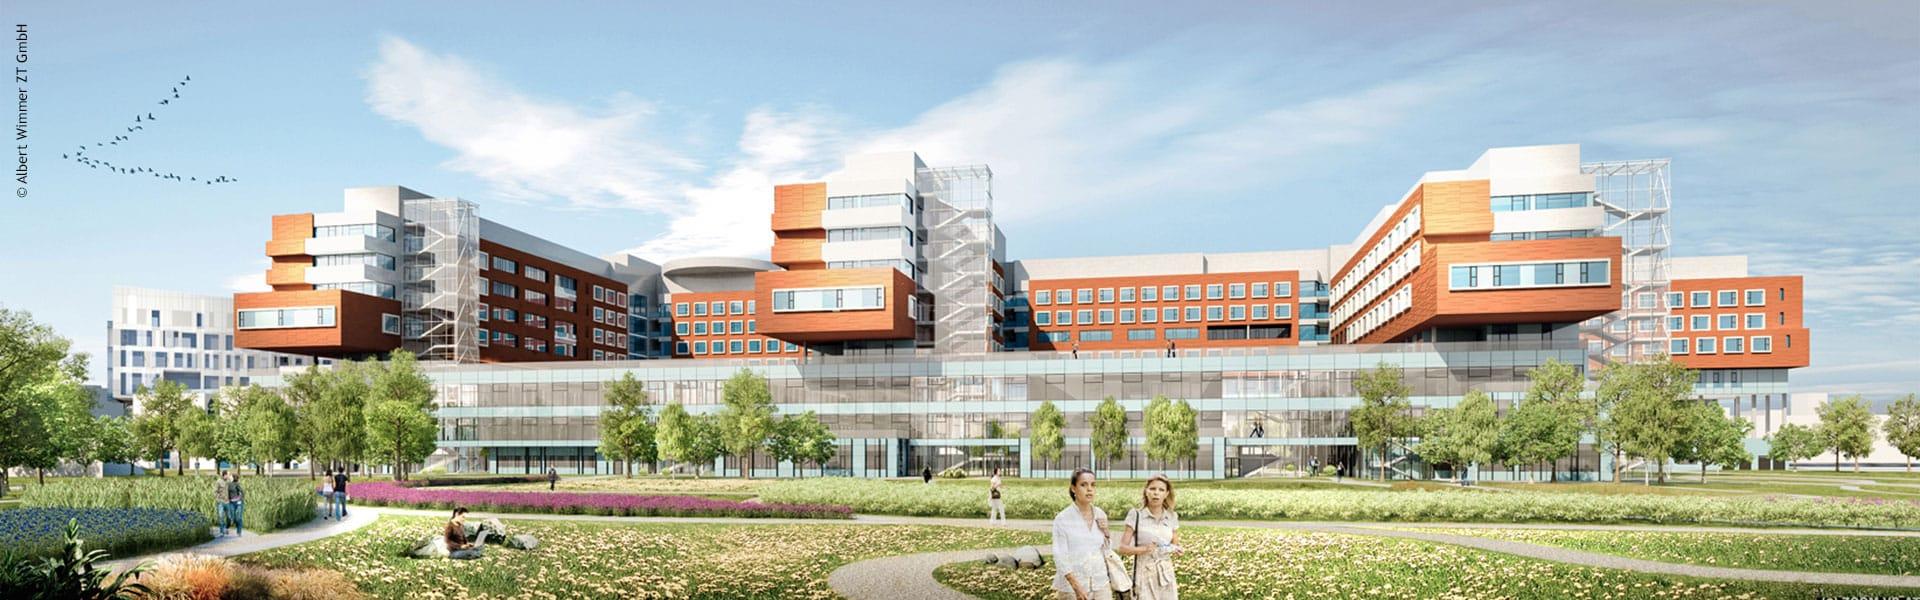 PREVERA Referenz Krankenhaus Nord Wien